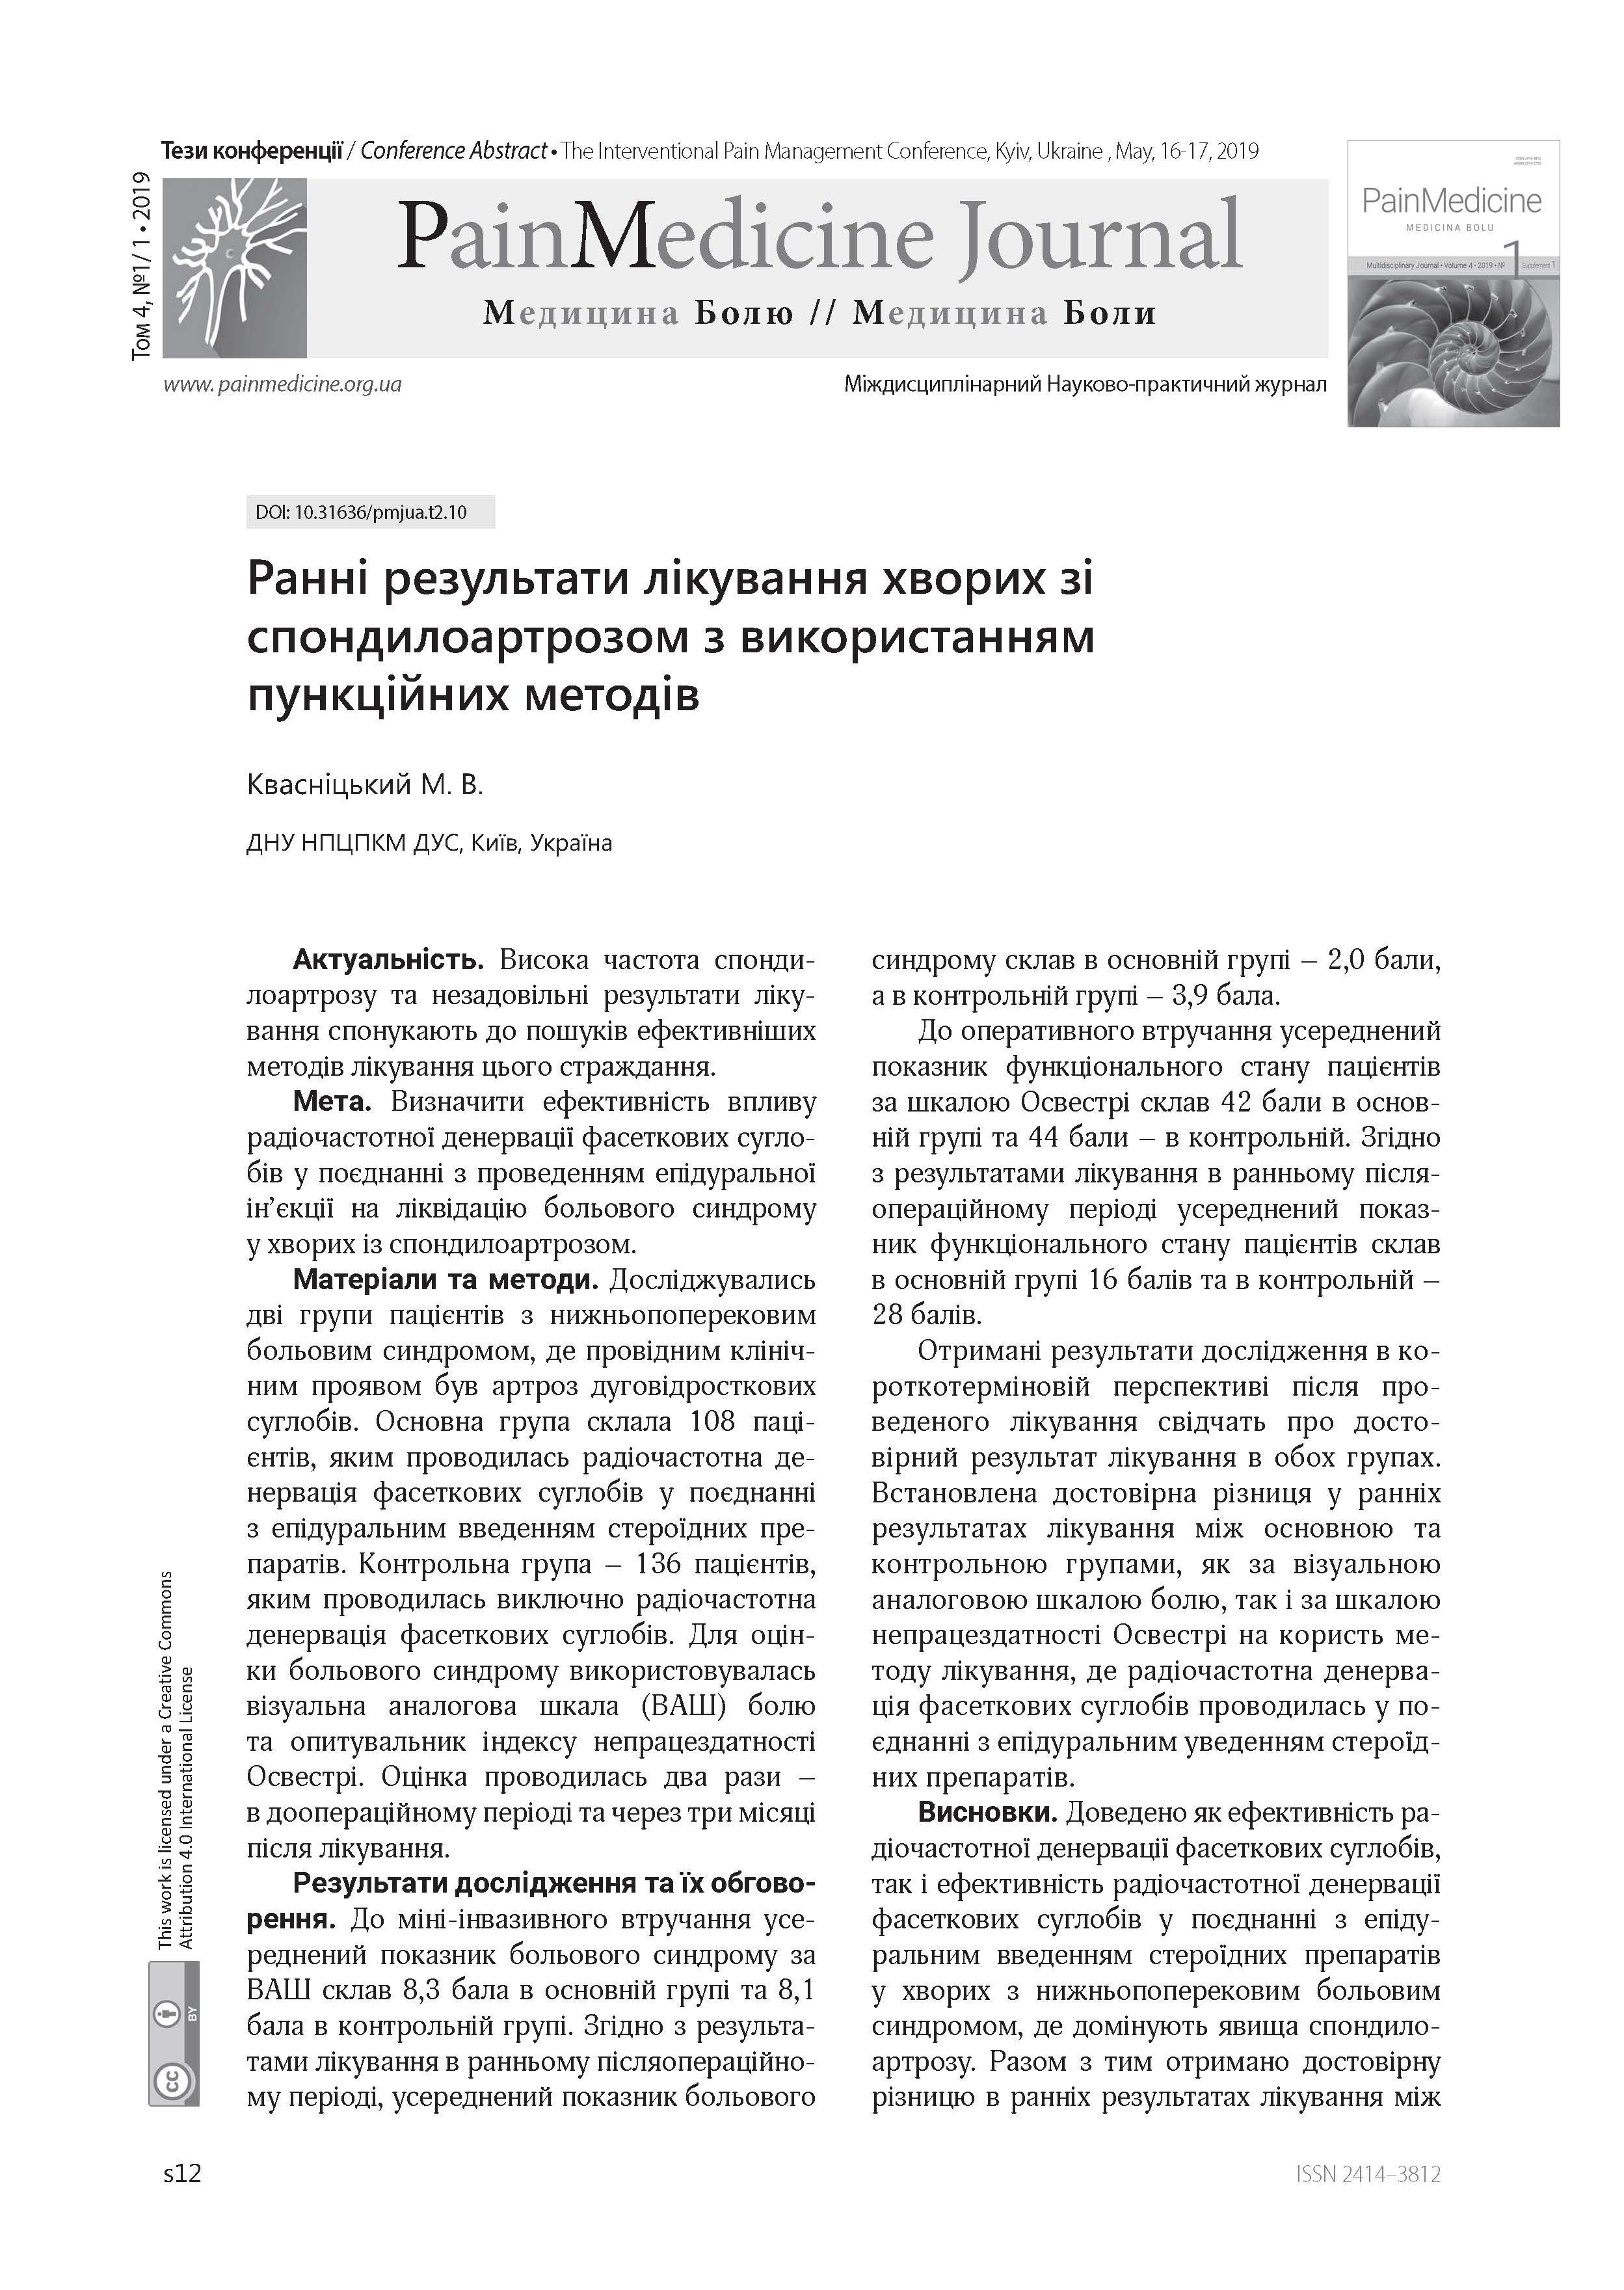 Ранні результати лікування хворих зі спондилоартрозом з використанням пункційних методів